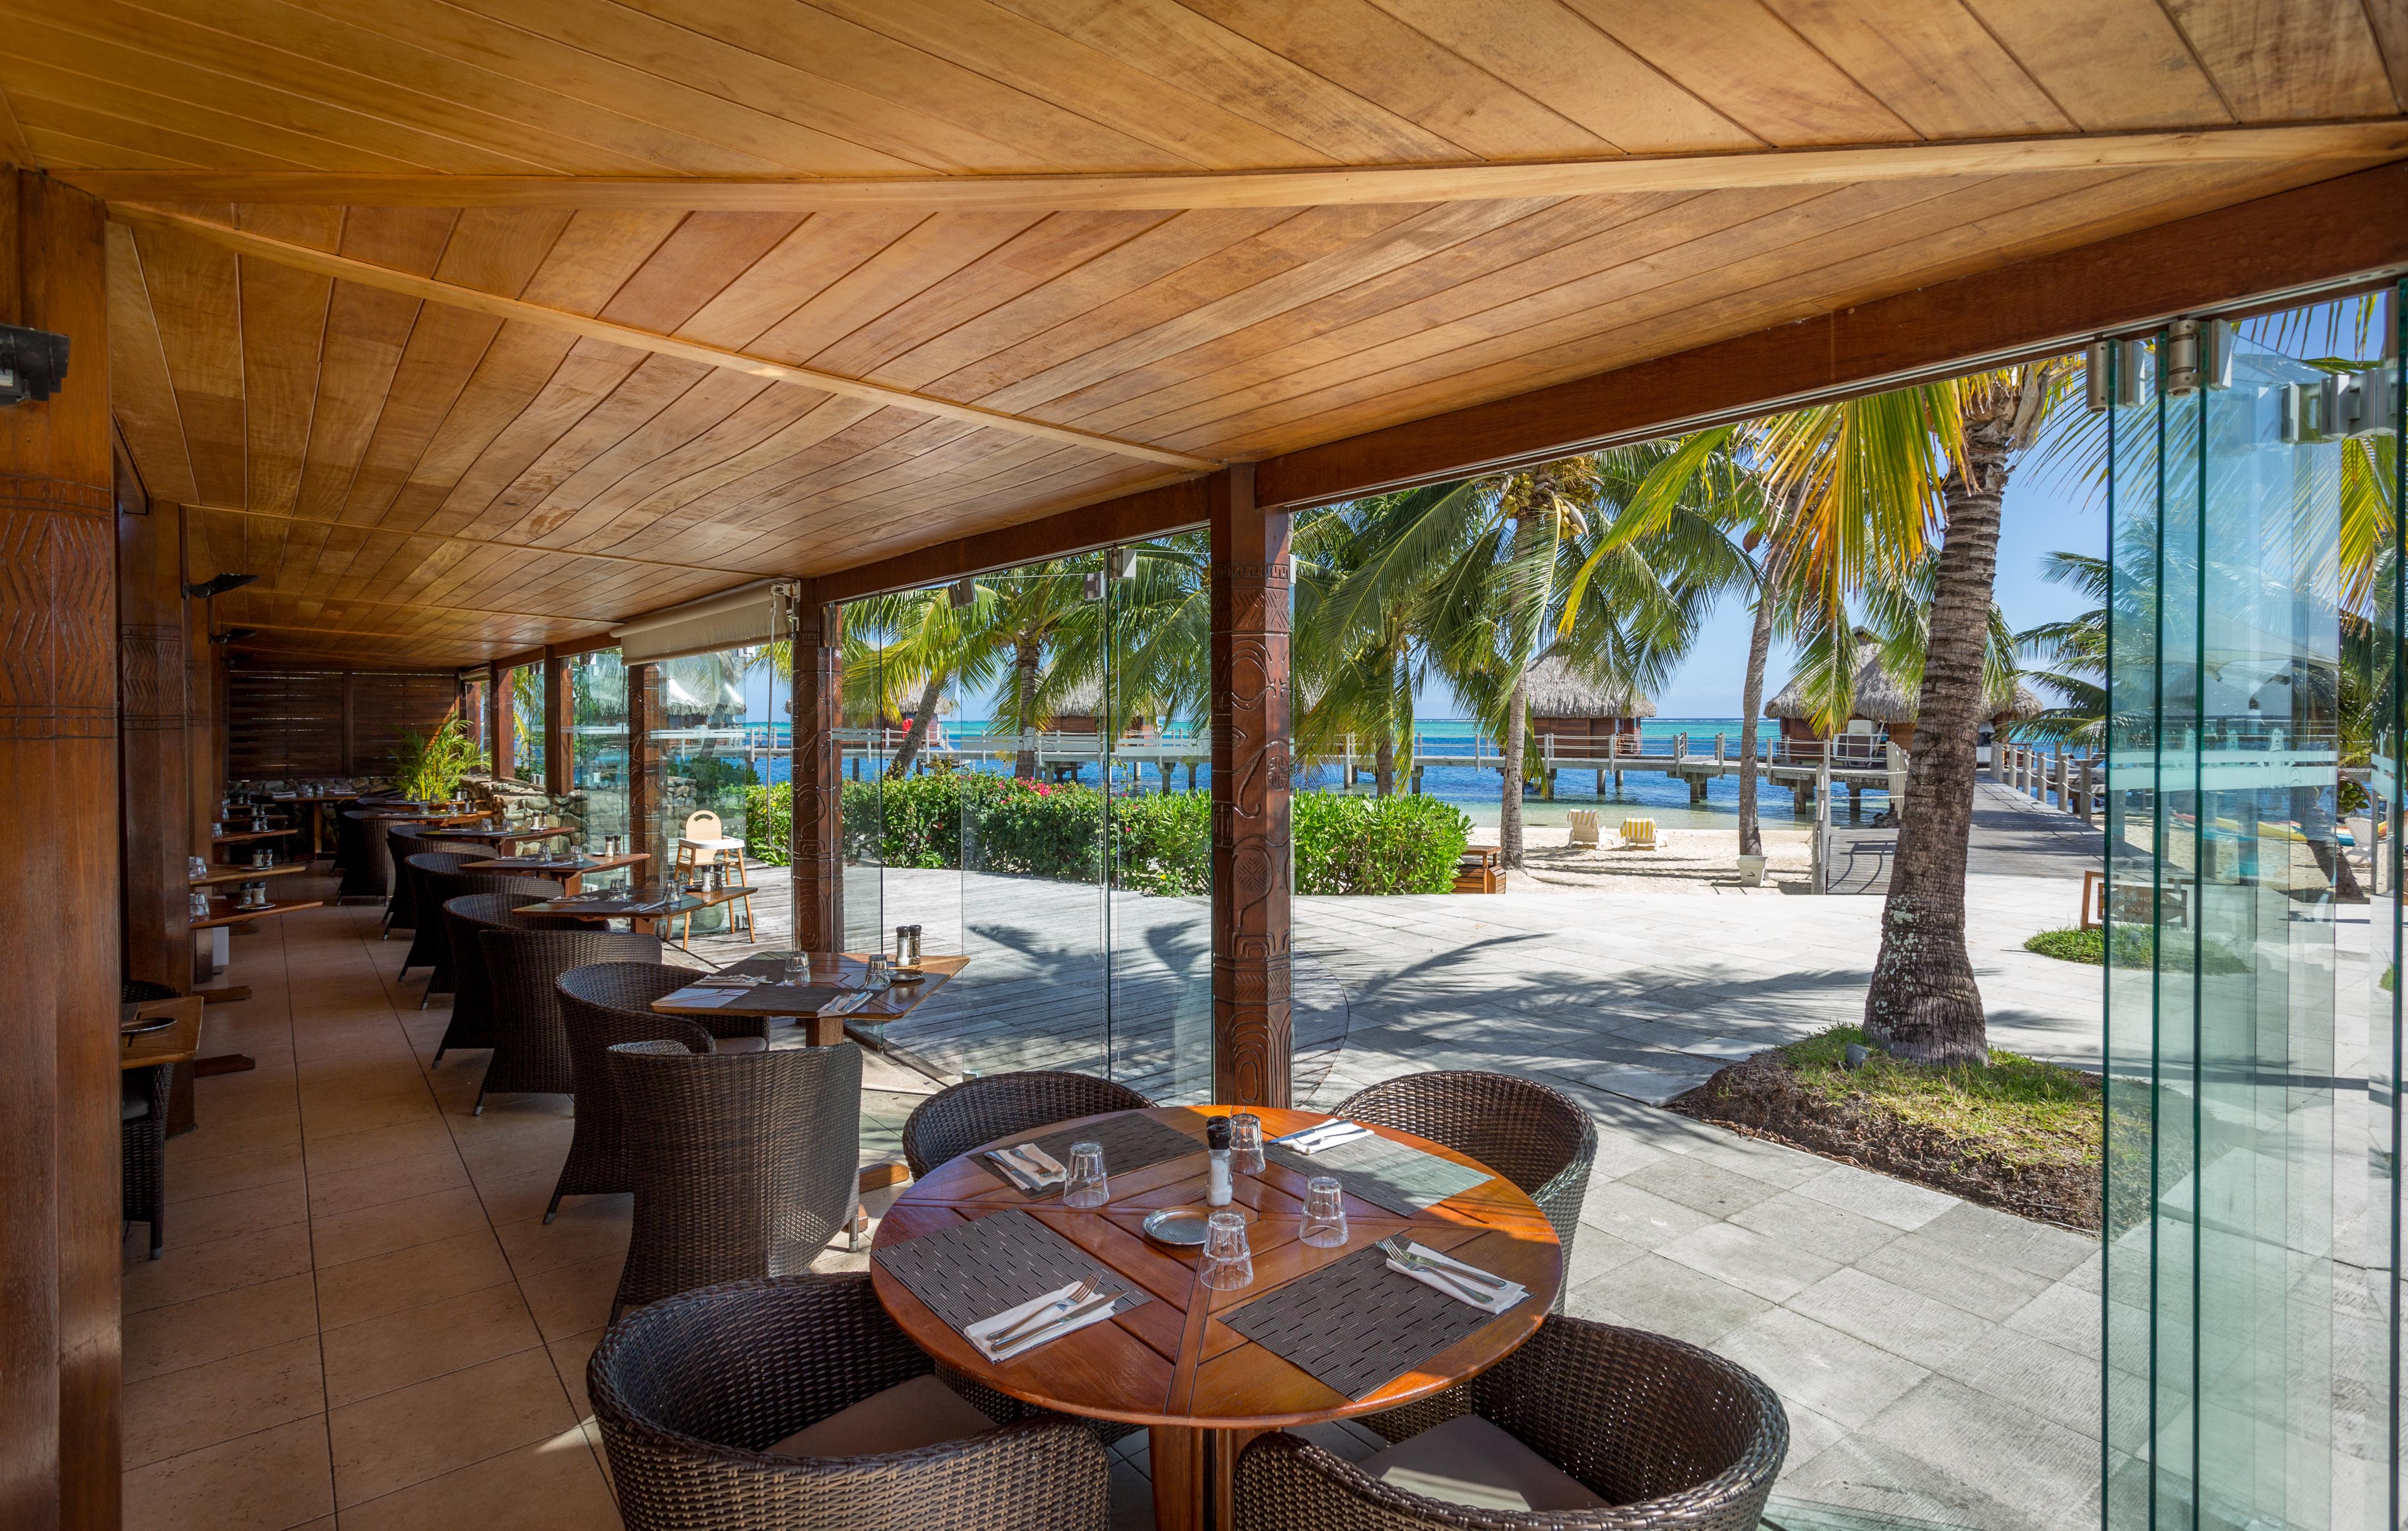 https://tahititourisme.kr/wp-content/uploads/2018/03/RESTAURATION-Restaurant-Mahanai-1-Charles_Veronese.jpg